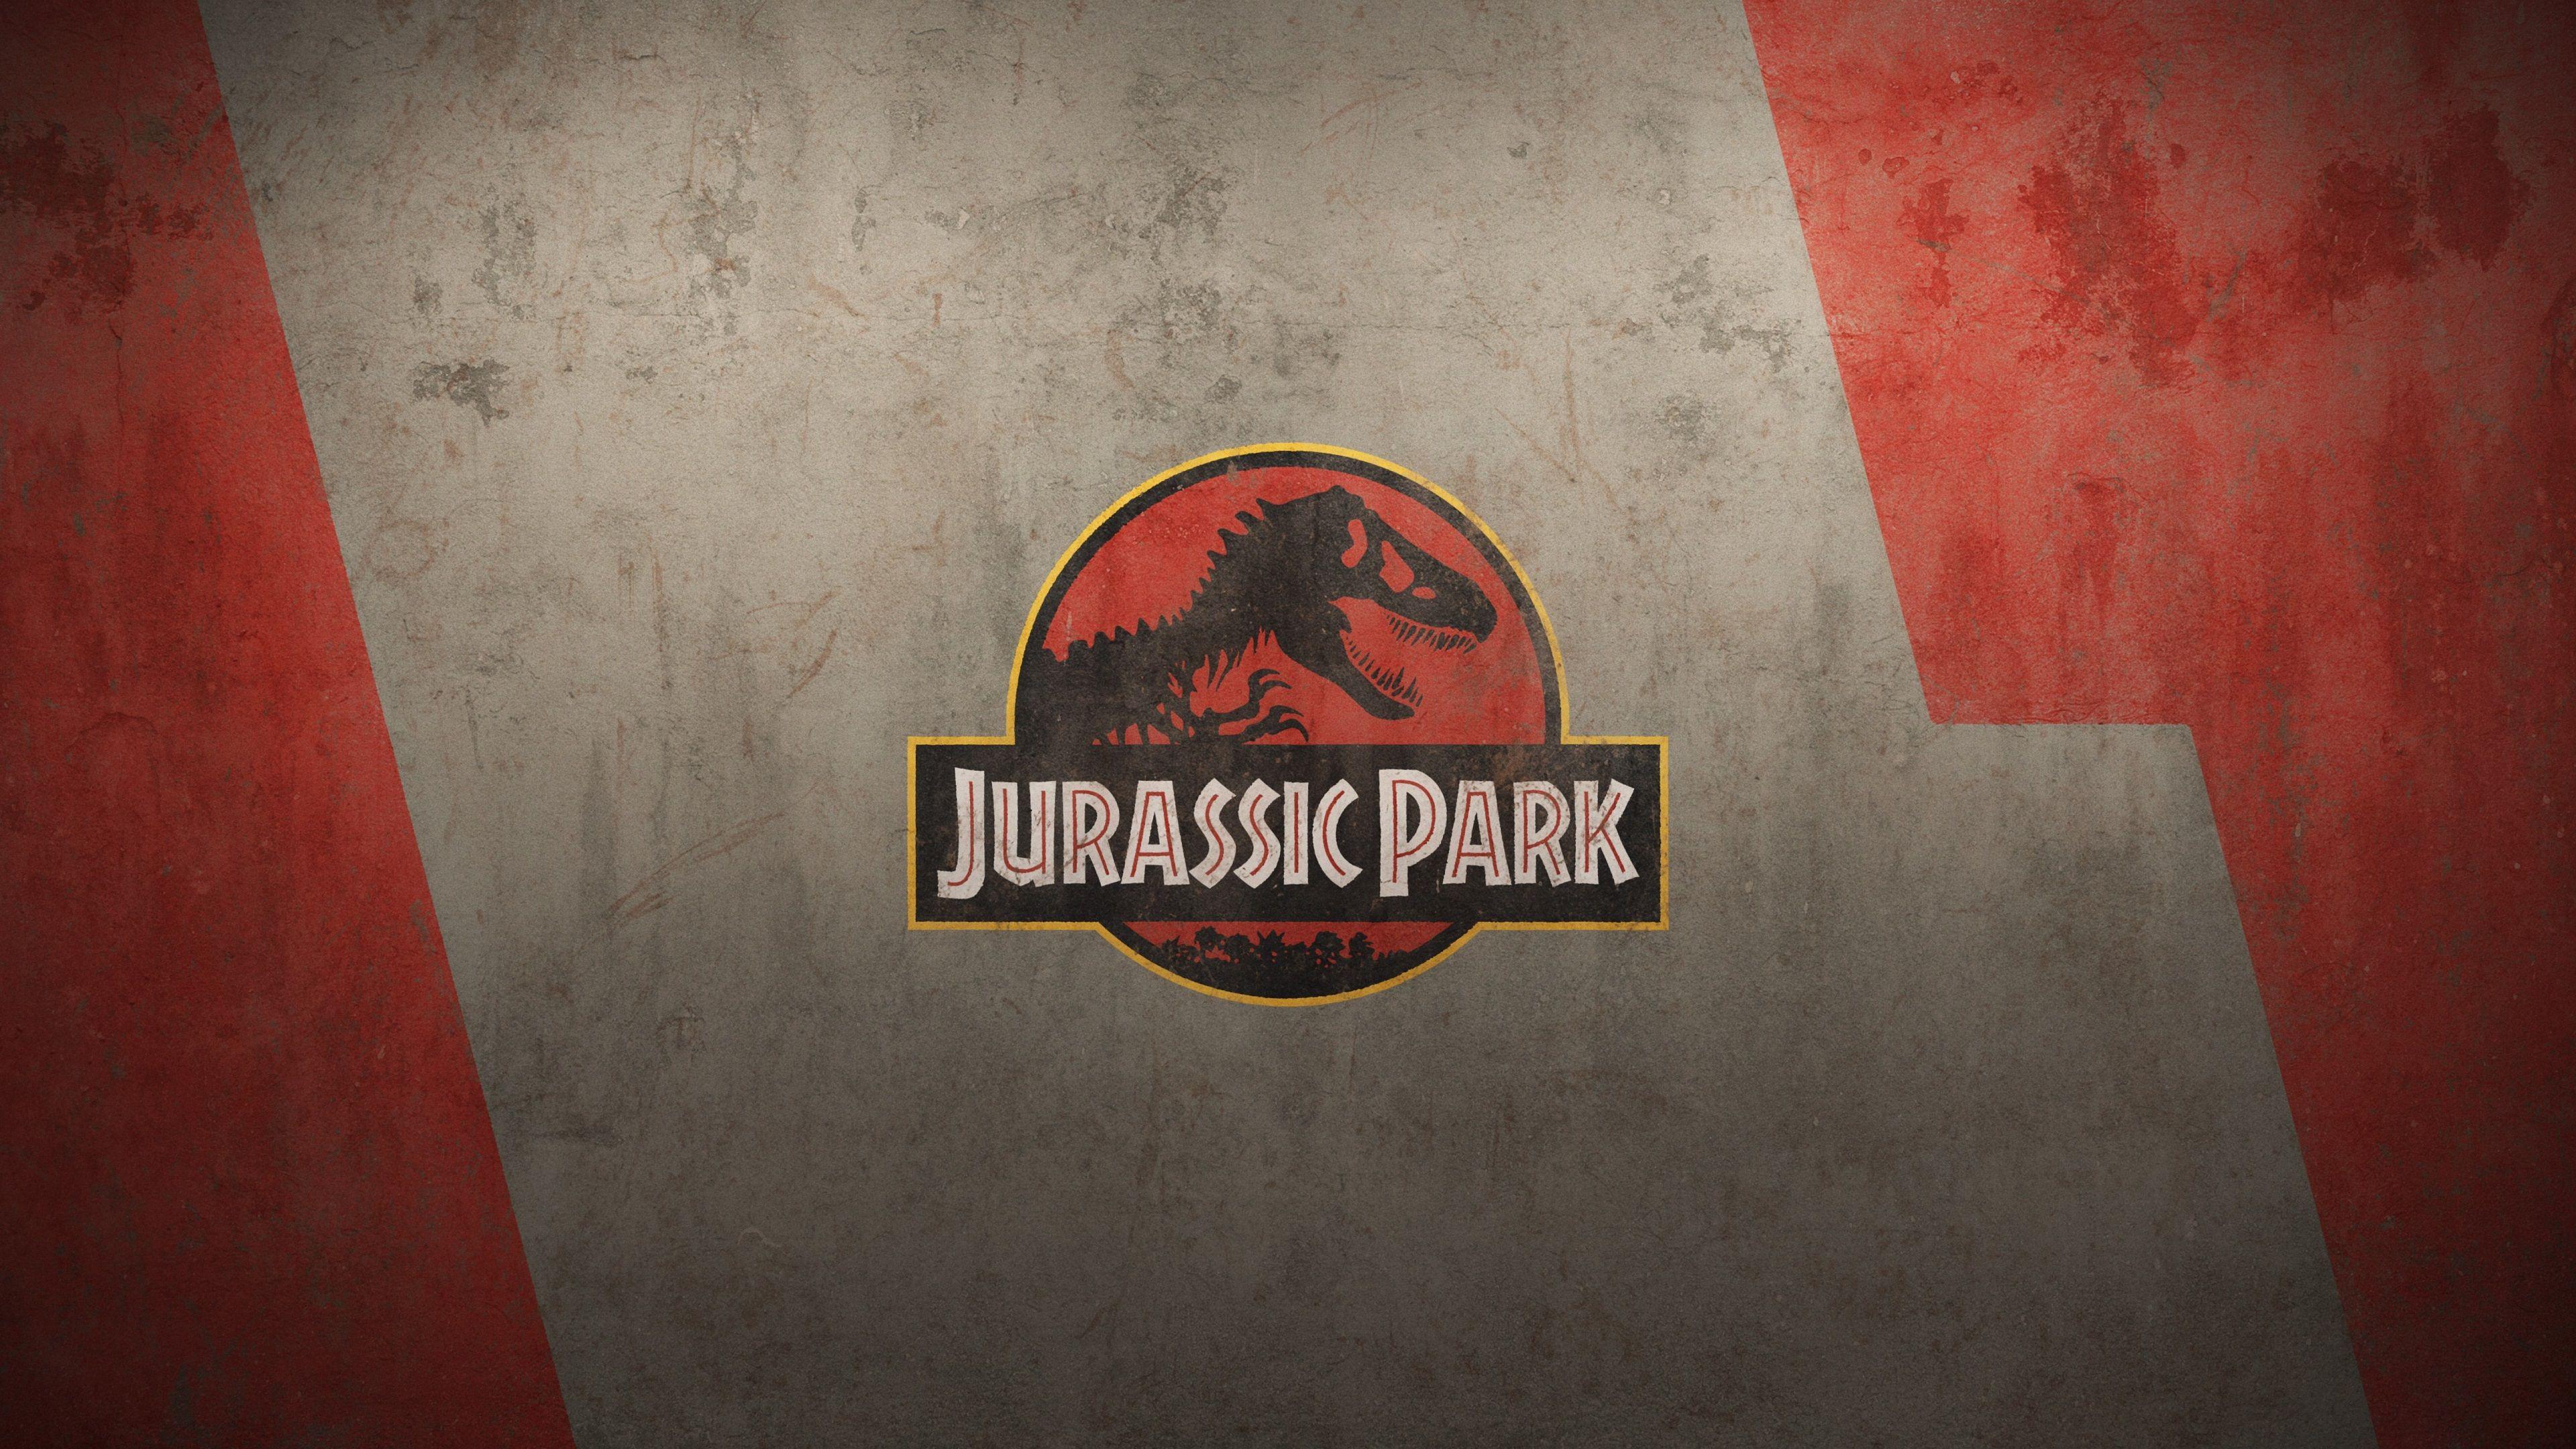 3840x2160 Jurassic Park 4k Wallpaper For Pc In Hd Yee